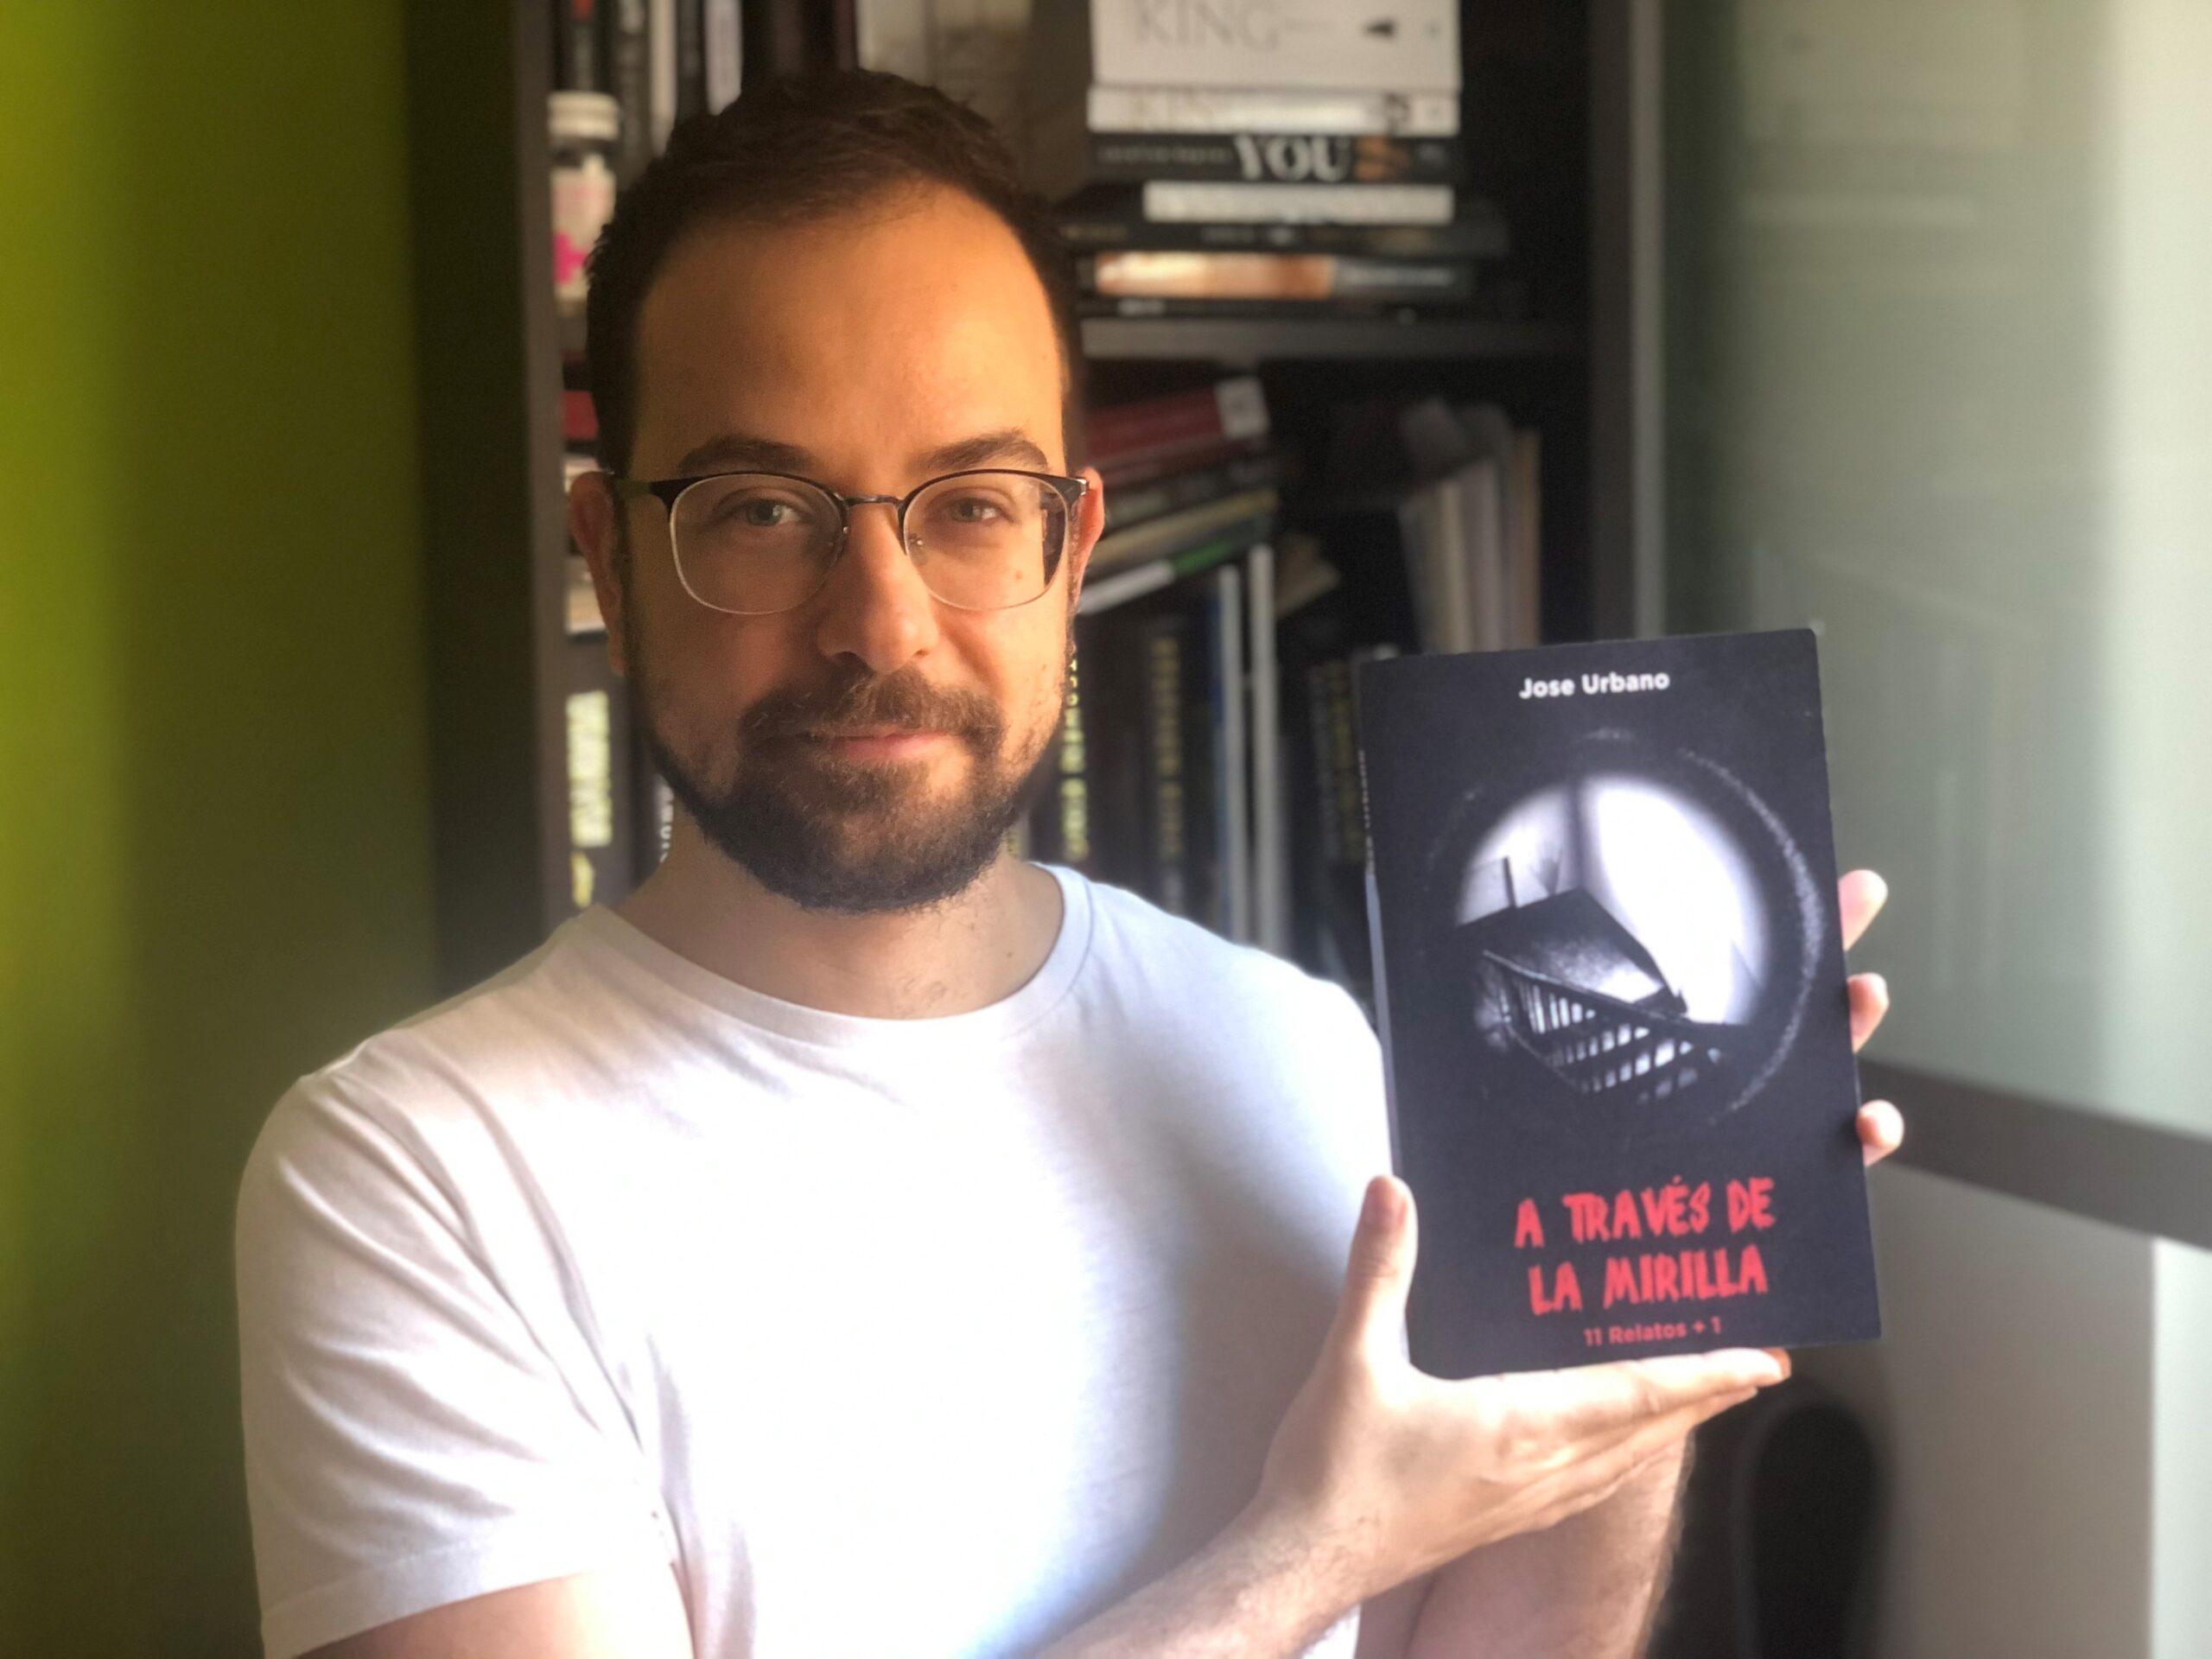 """Conoce a Jose Urbano, autor de la novela, """"A través de la mirilla"""""""